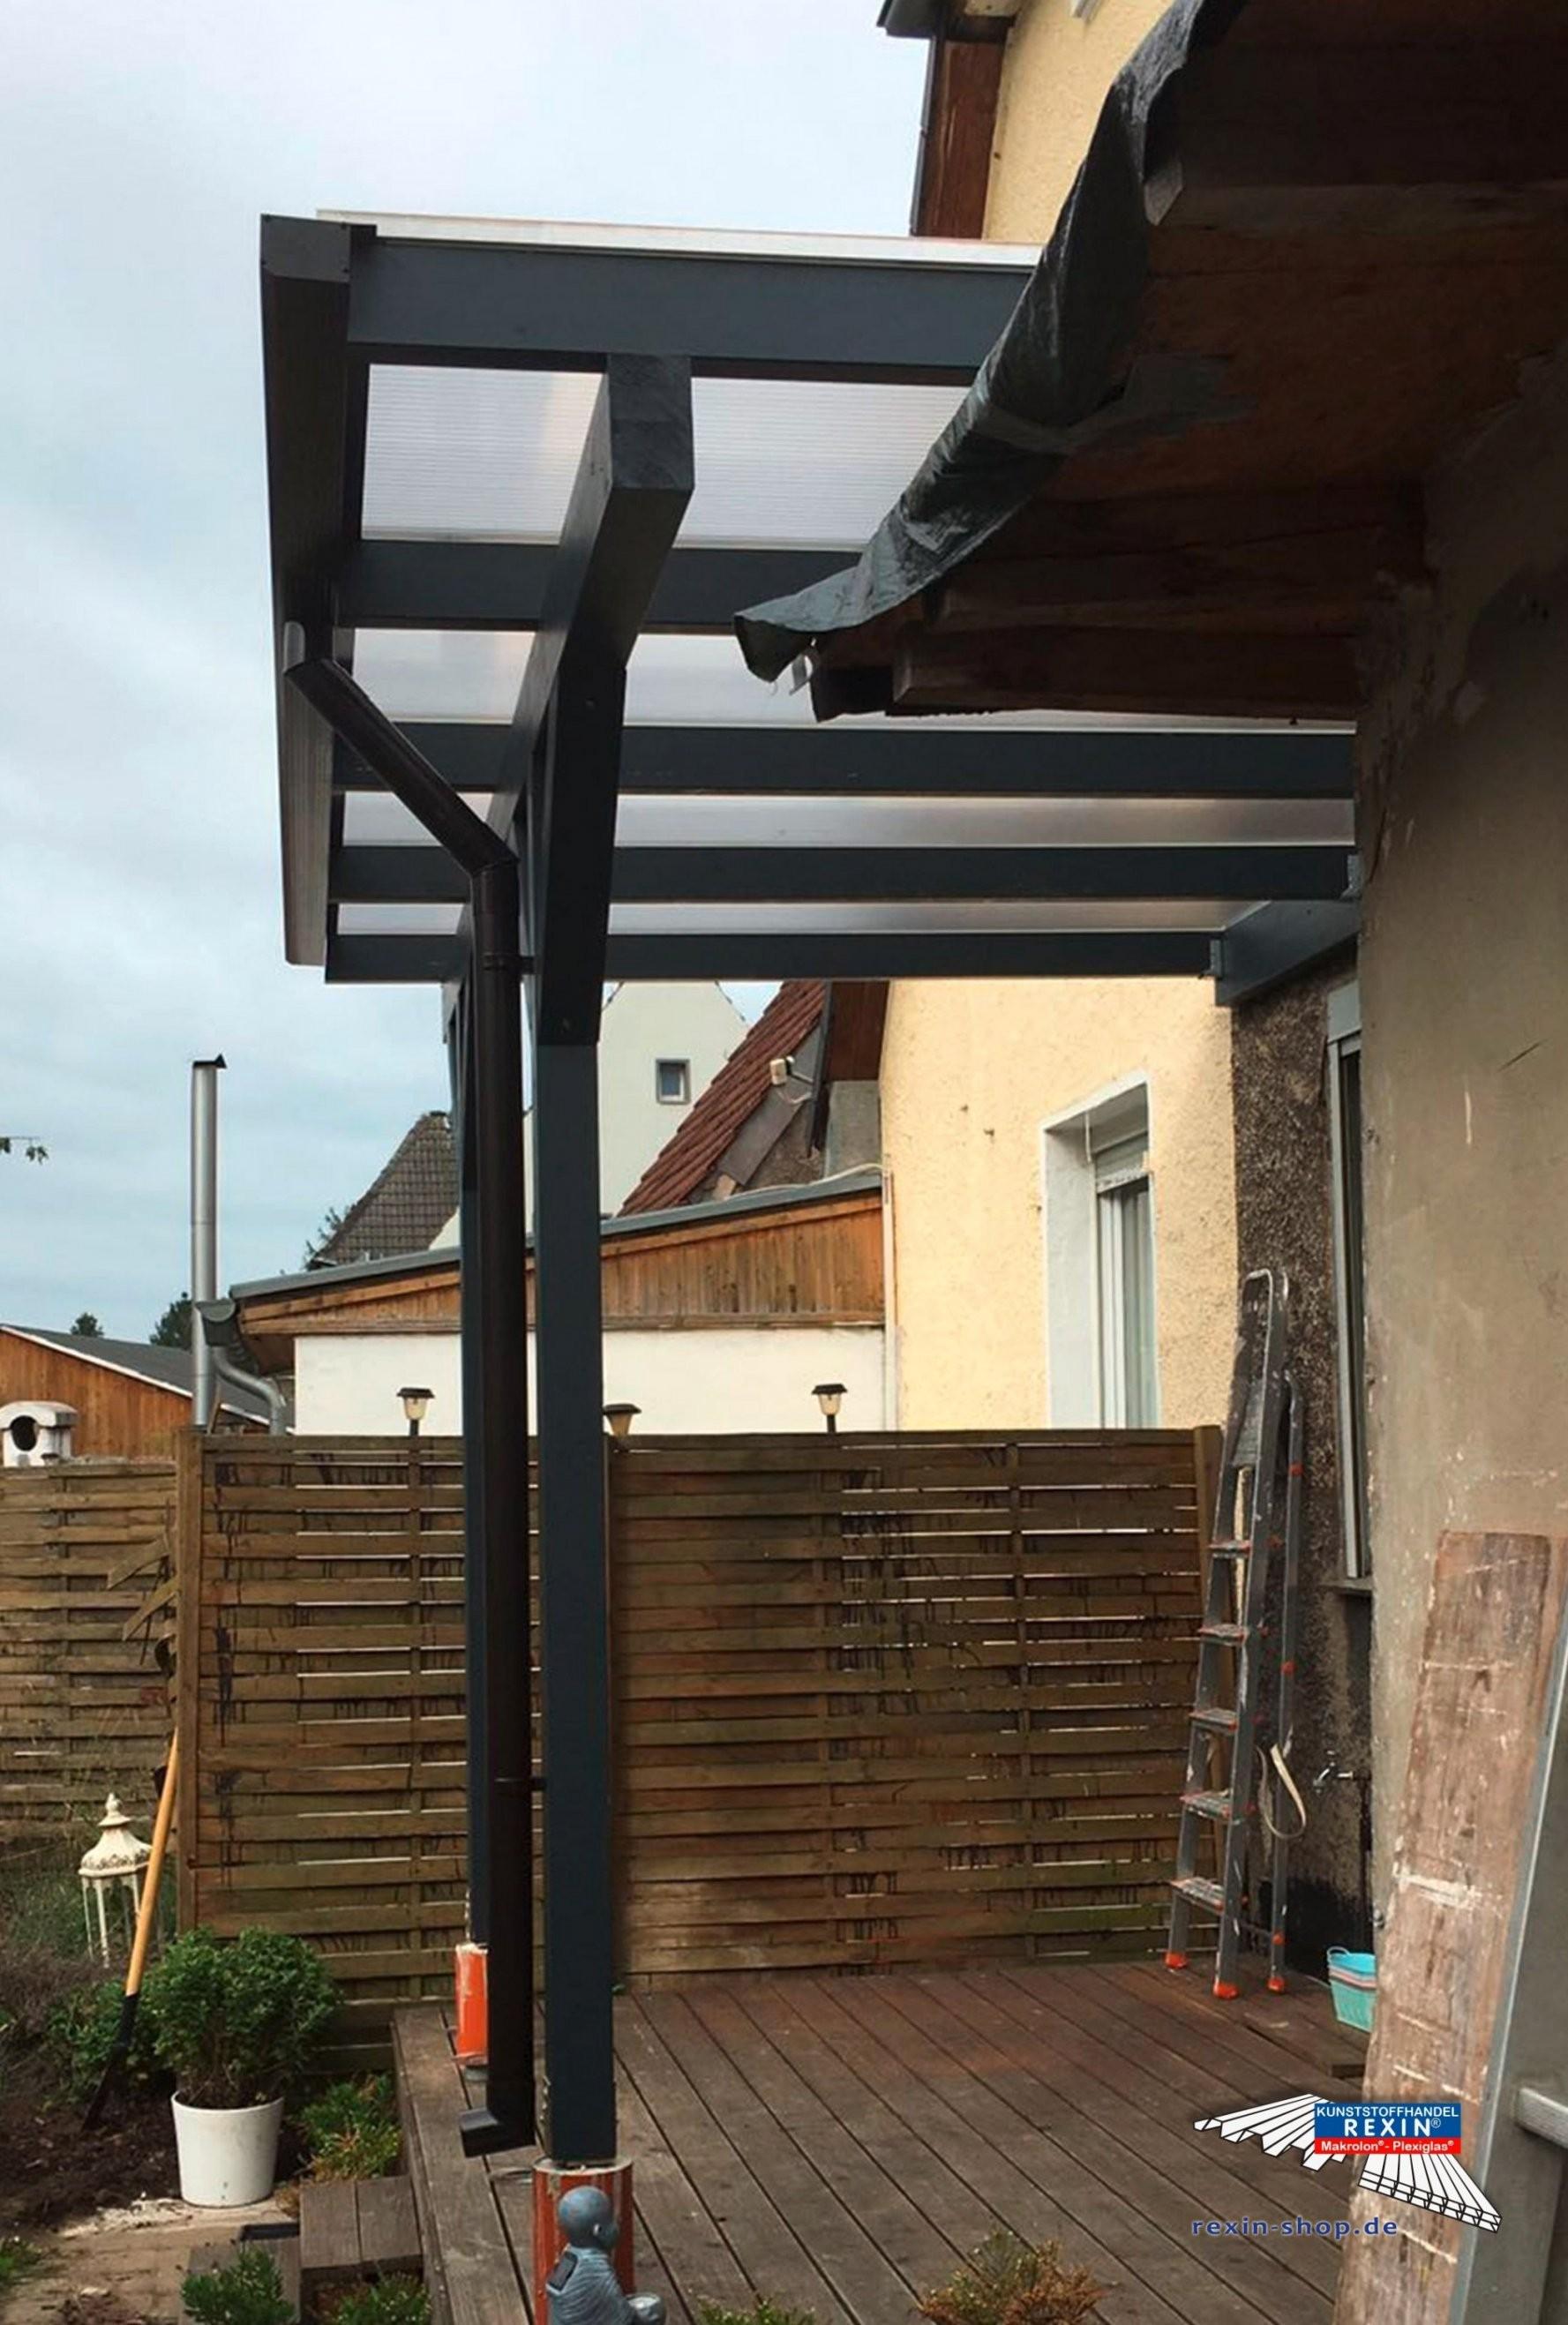 46 Genial Regenschutz Terrasse Selber Bauen Für Ihr Balkon Design von Regenschutz Terrasse Selber Bauen Photo